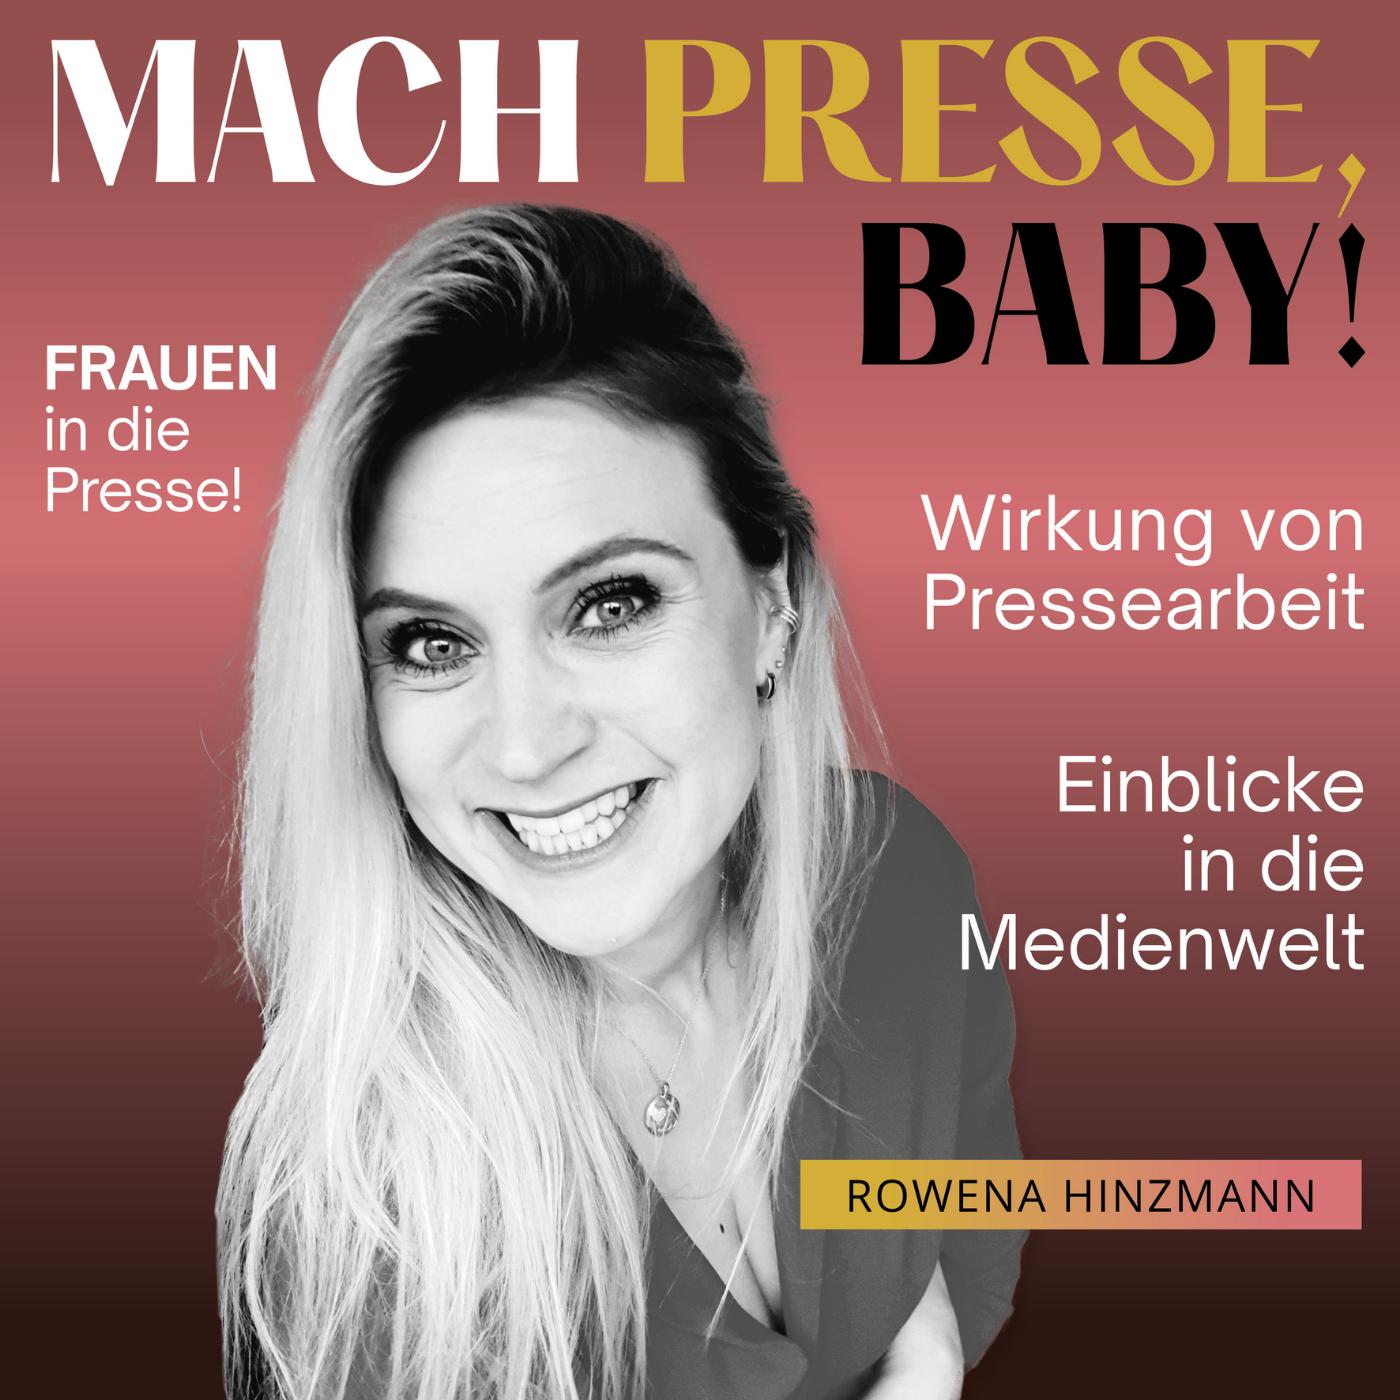 Mach Presse, Baby! show art